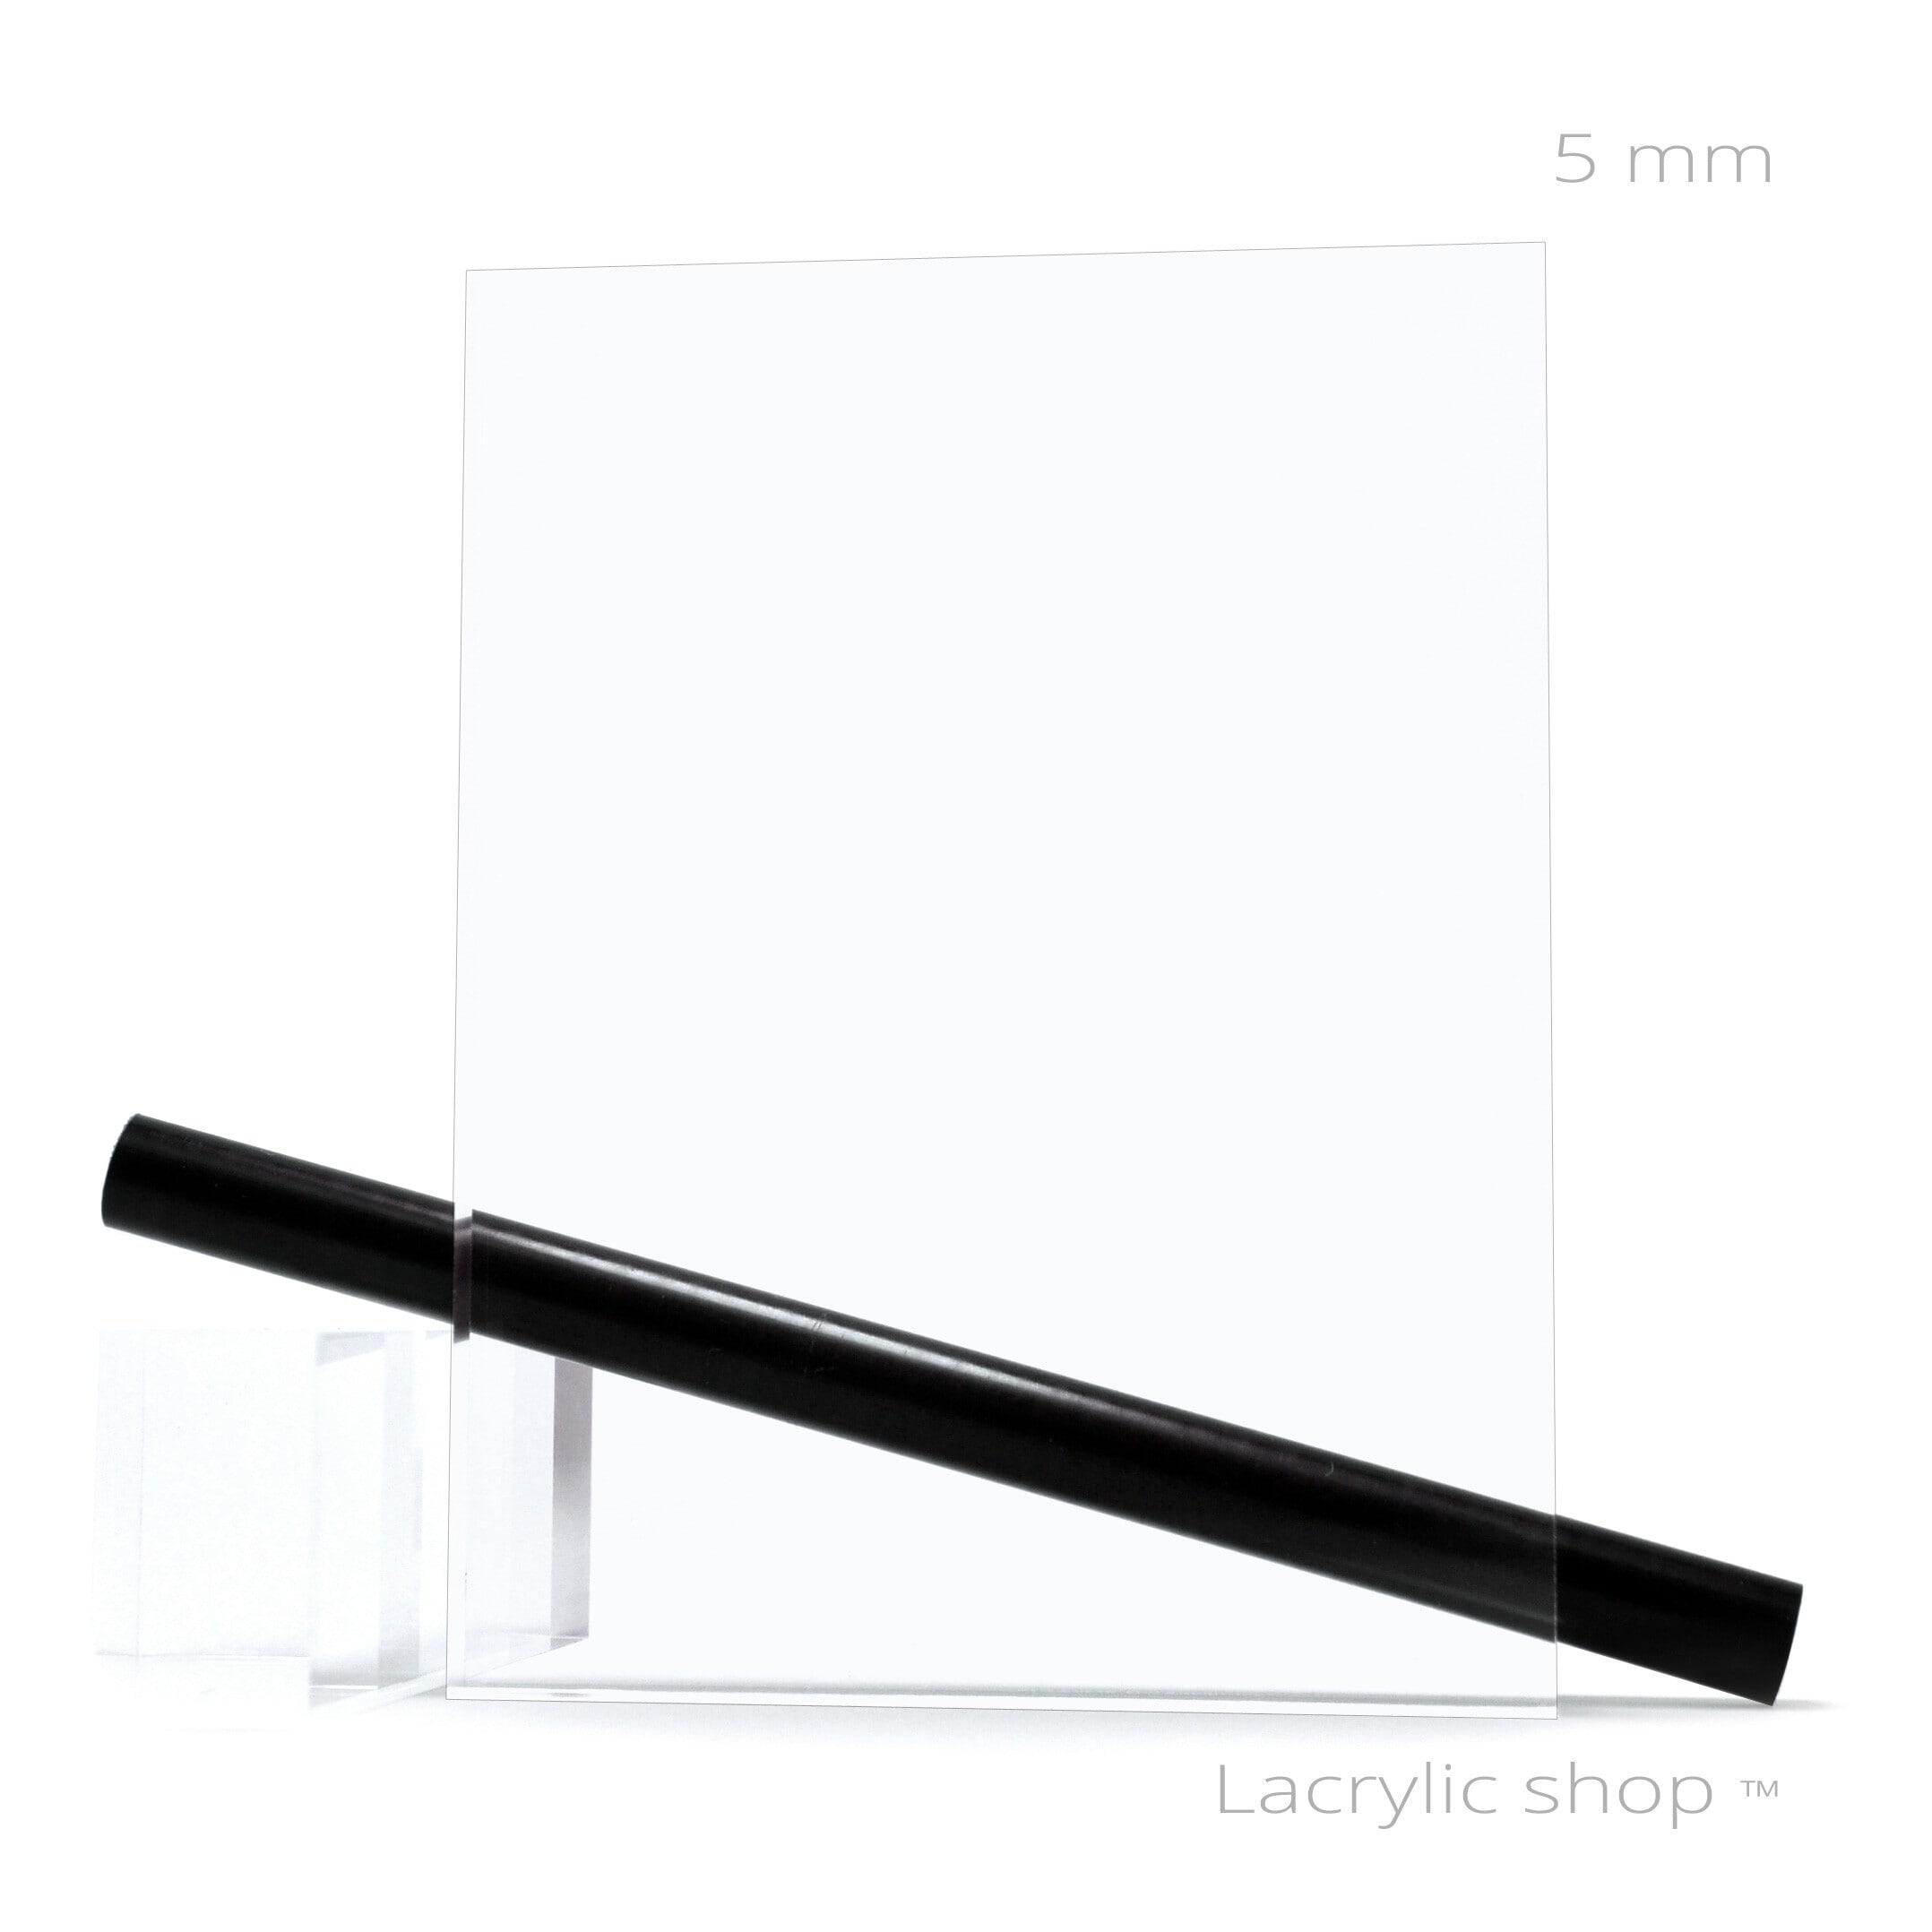 Plexiglass Sur Mesure Transparent Ep 5 Mm Serapportanta Castorama Plexiglass 4mm Agencecormierdelauniere Com